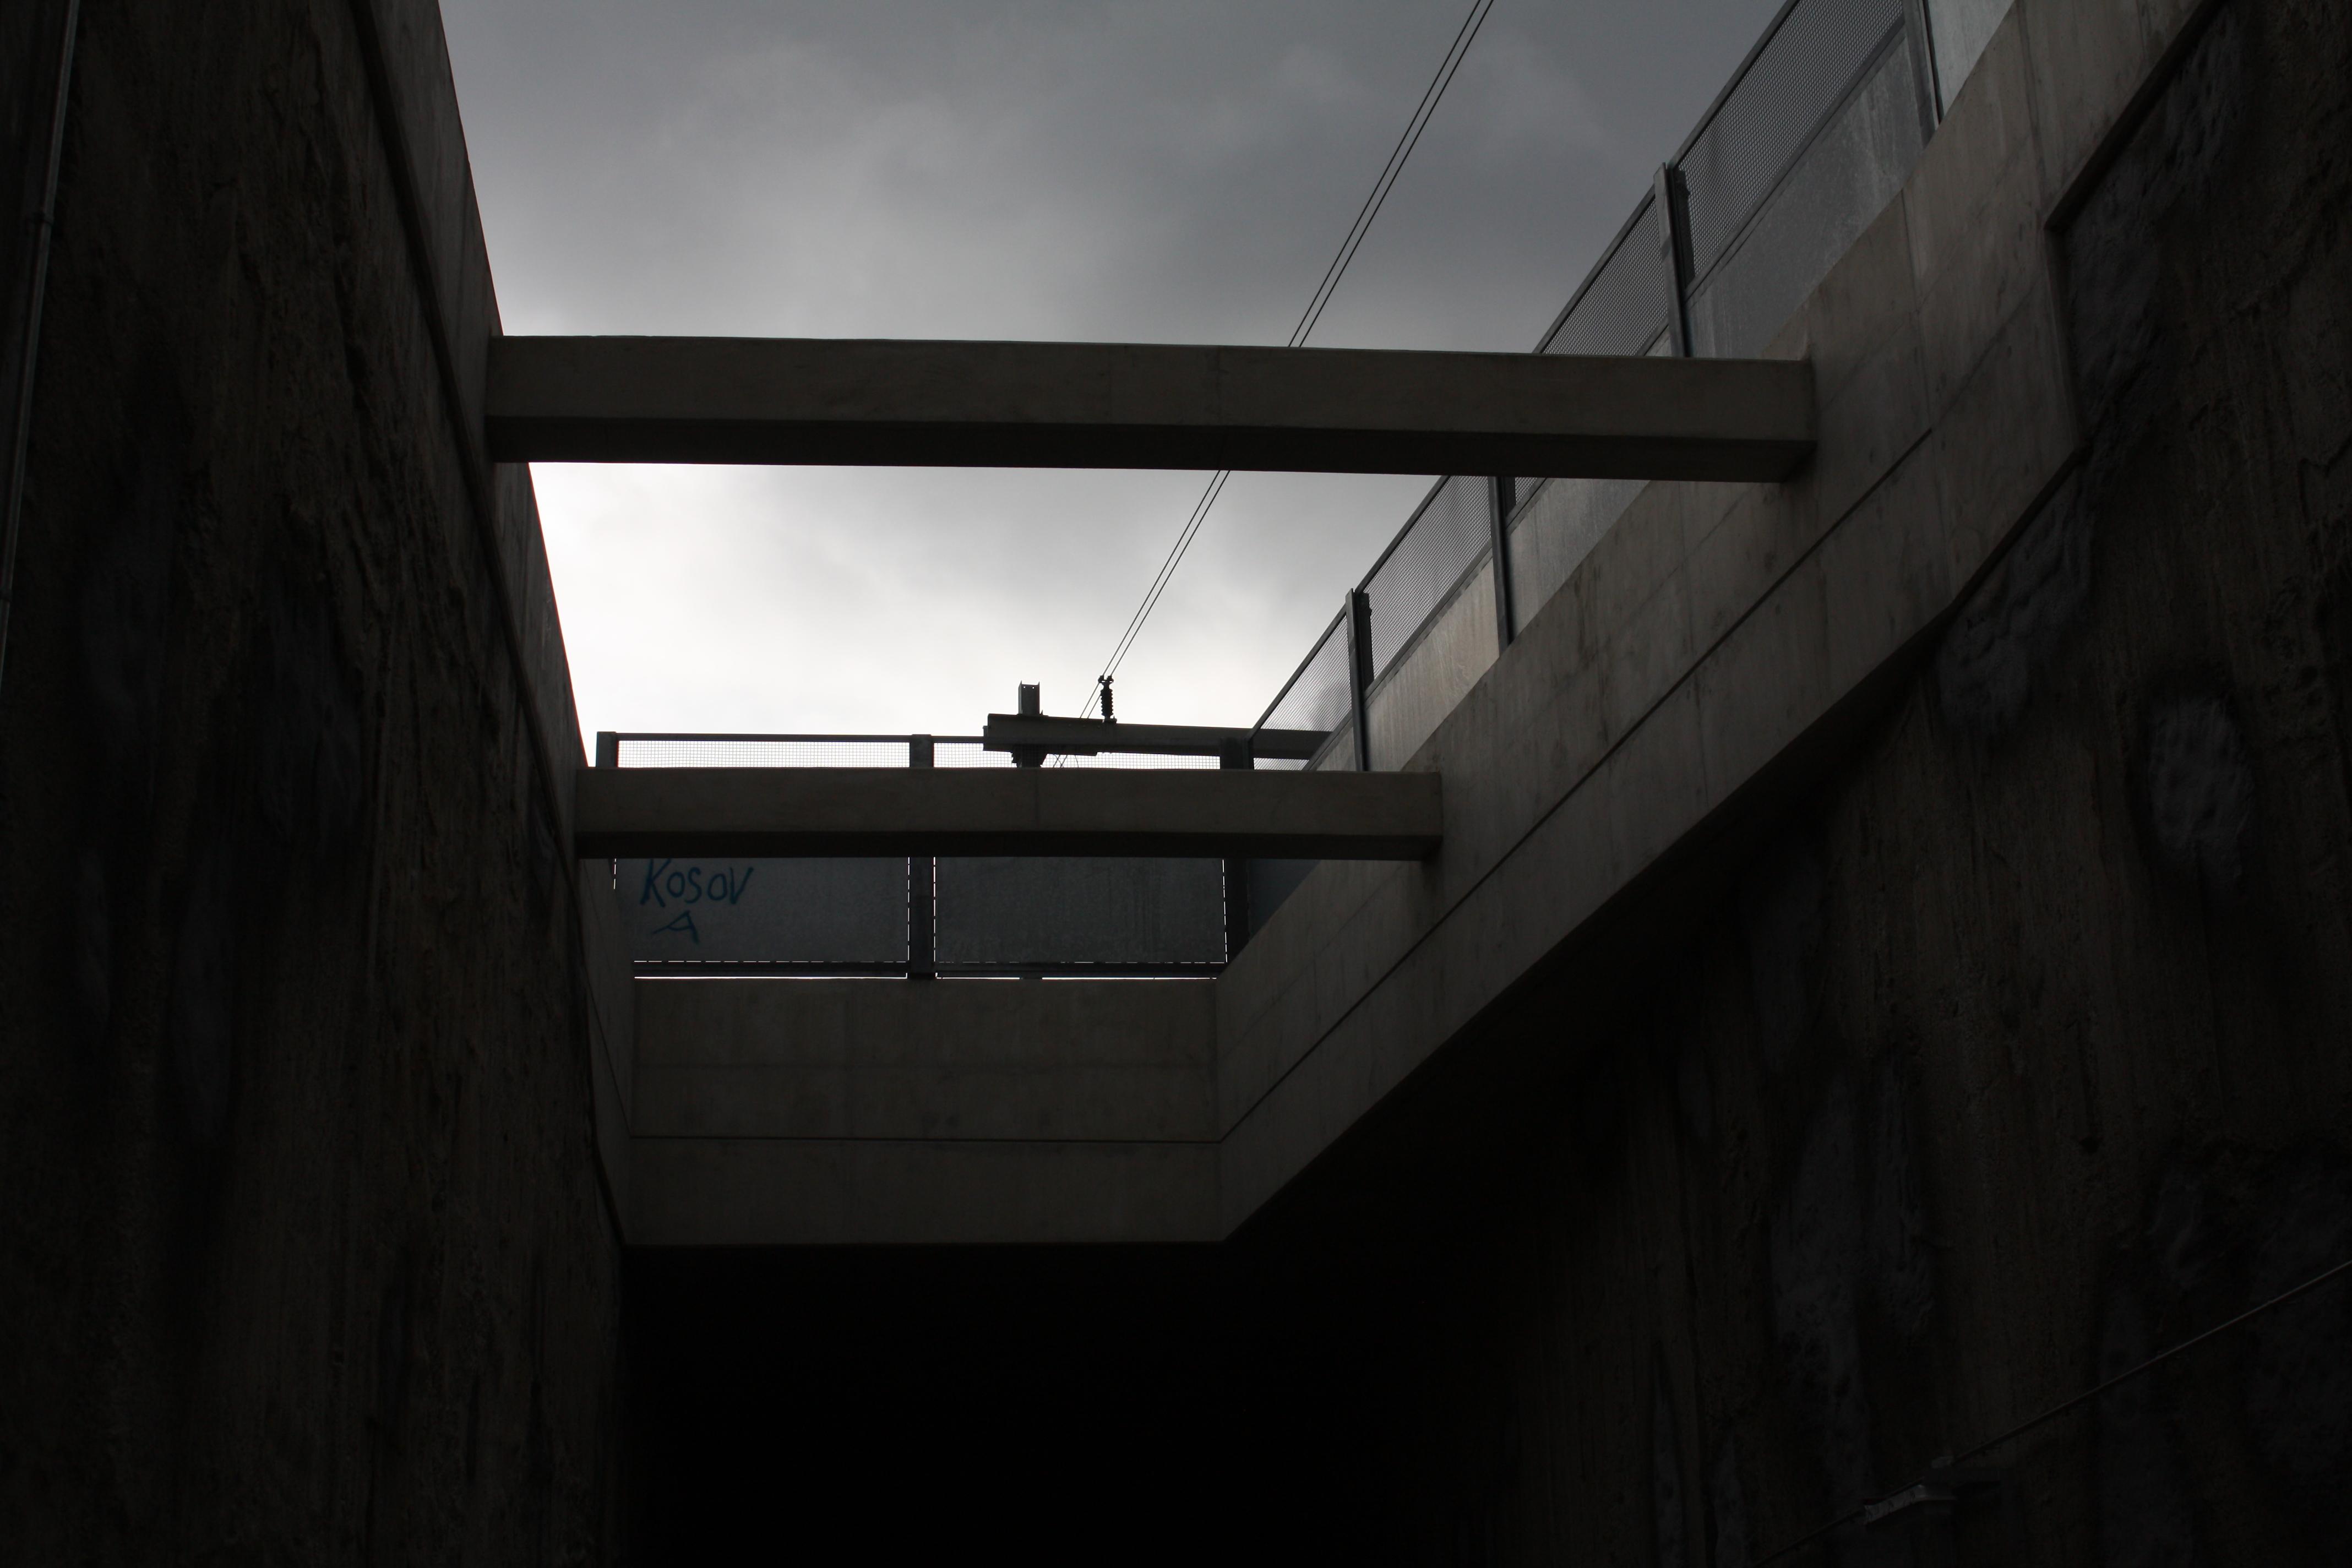 Dark skies loom over us